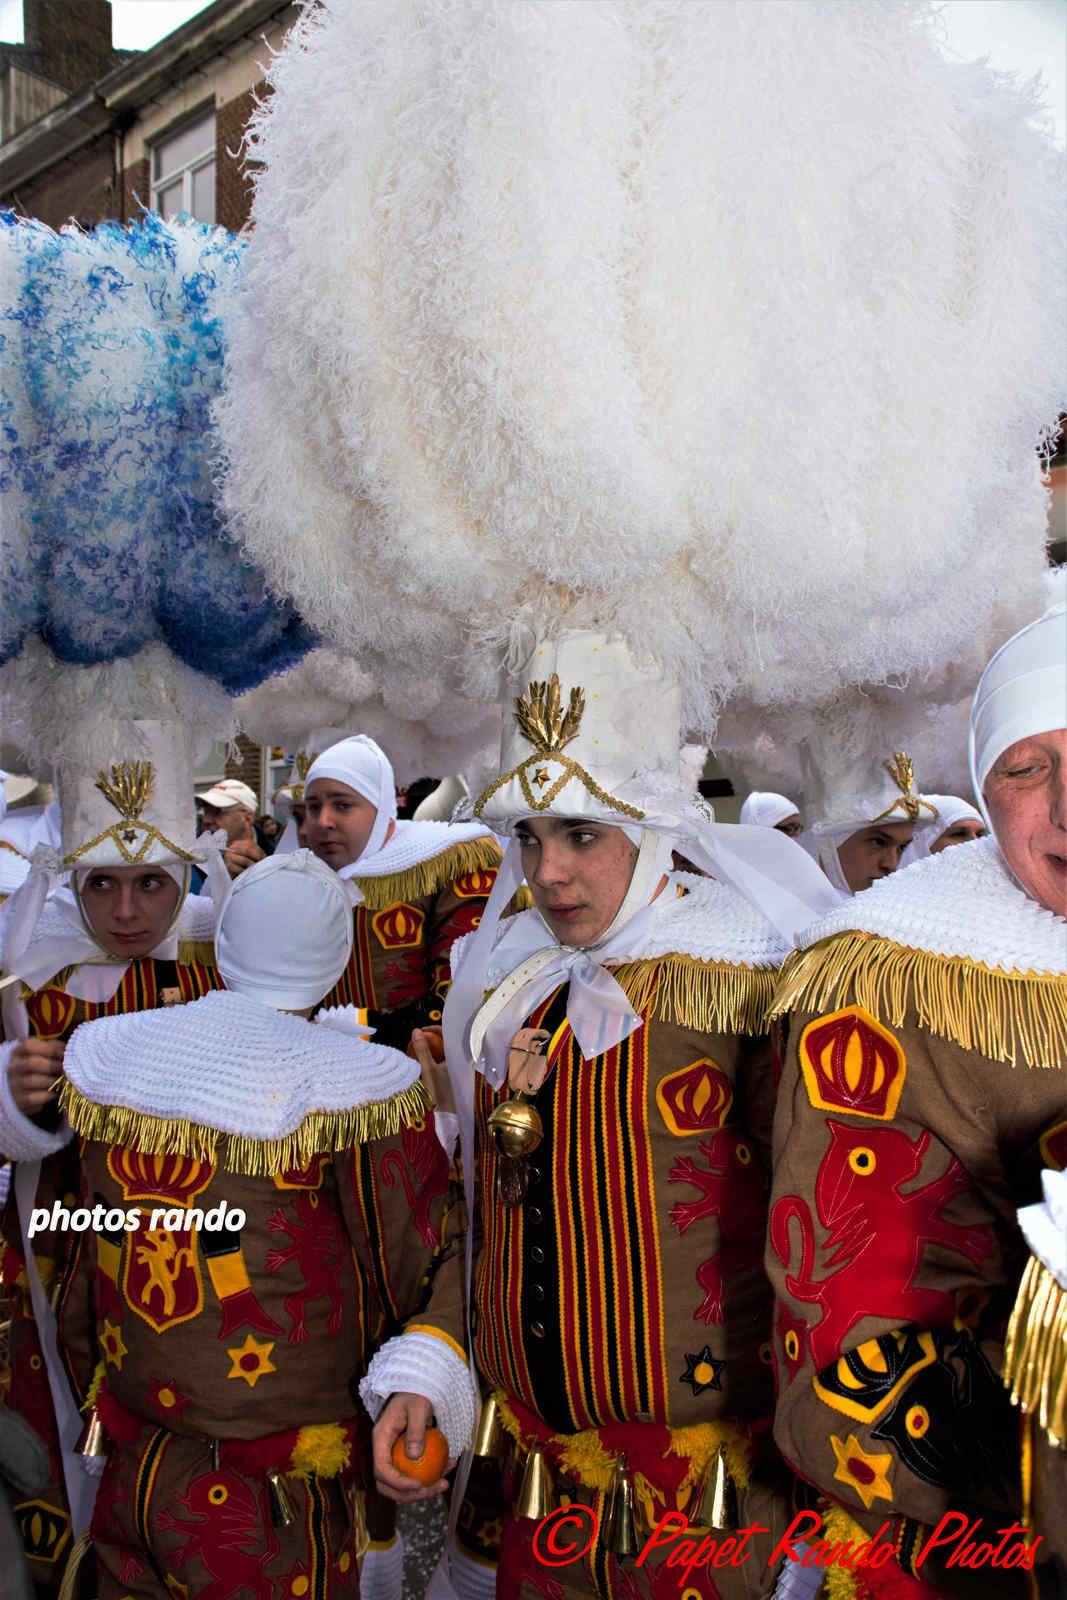 Les Rois du Carnaval ( 2e Cortége) avec 9 groupes de Gilles & 1 groupe de Paysannes, des vrais Gilles dans la vrai tradition  de ce beau Floklore de chez nous, aussi une organisation au TOP il n'y a jamais plus de 30 metres entre deux groupes BRAVO, en plus ici personne, hors des groupes MERCI pour les spectateurs